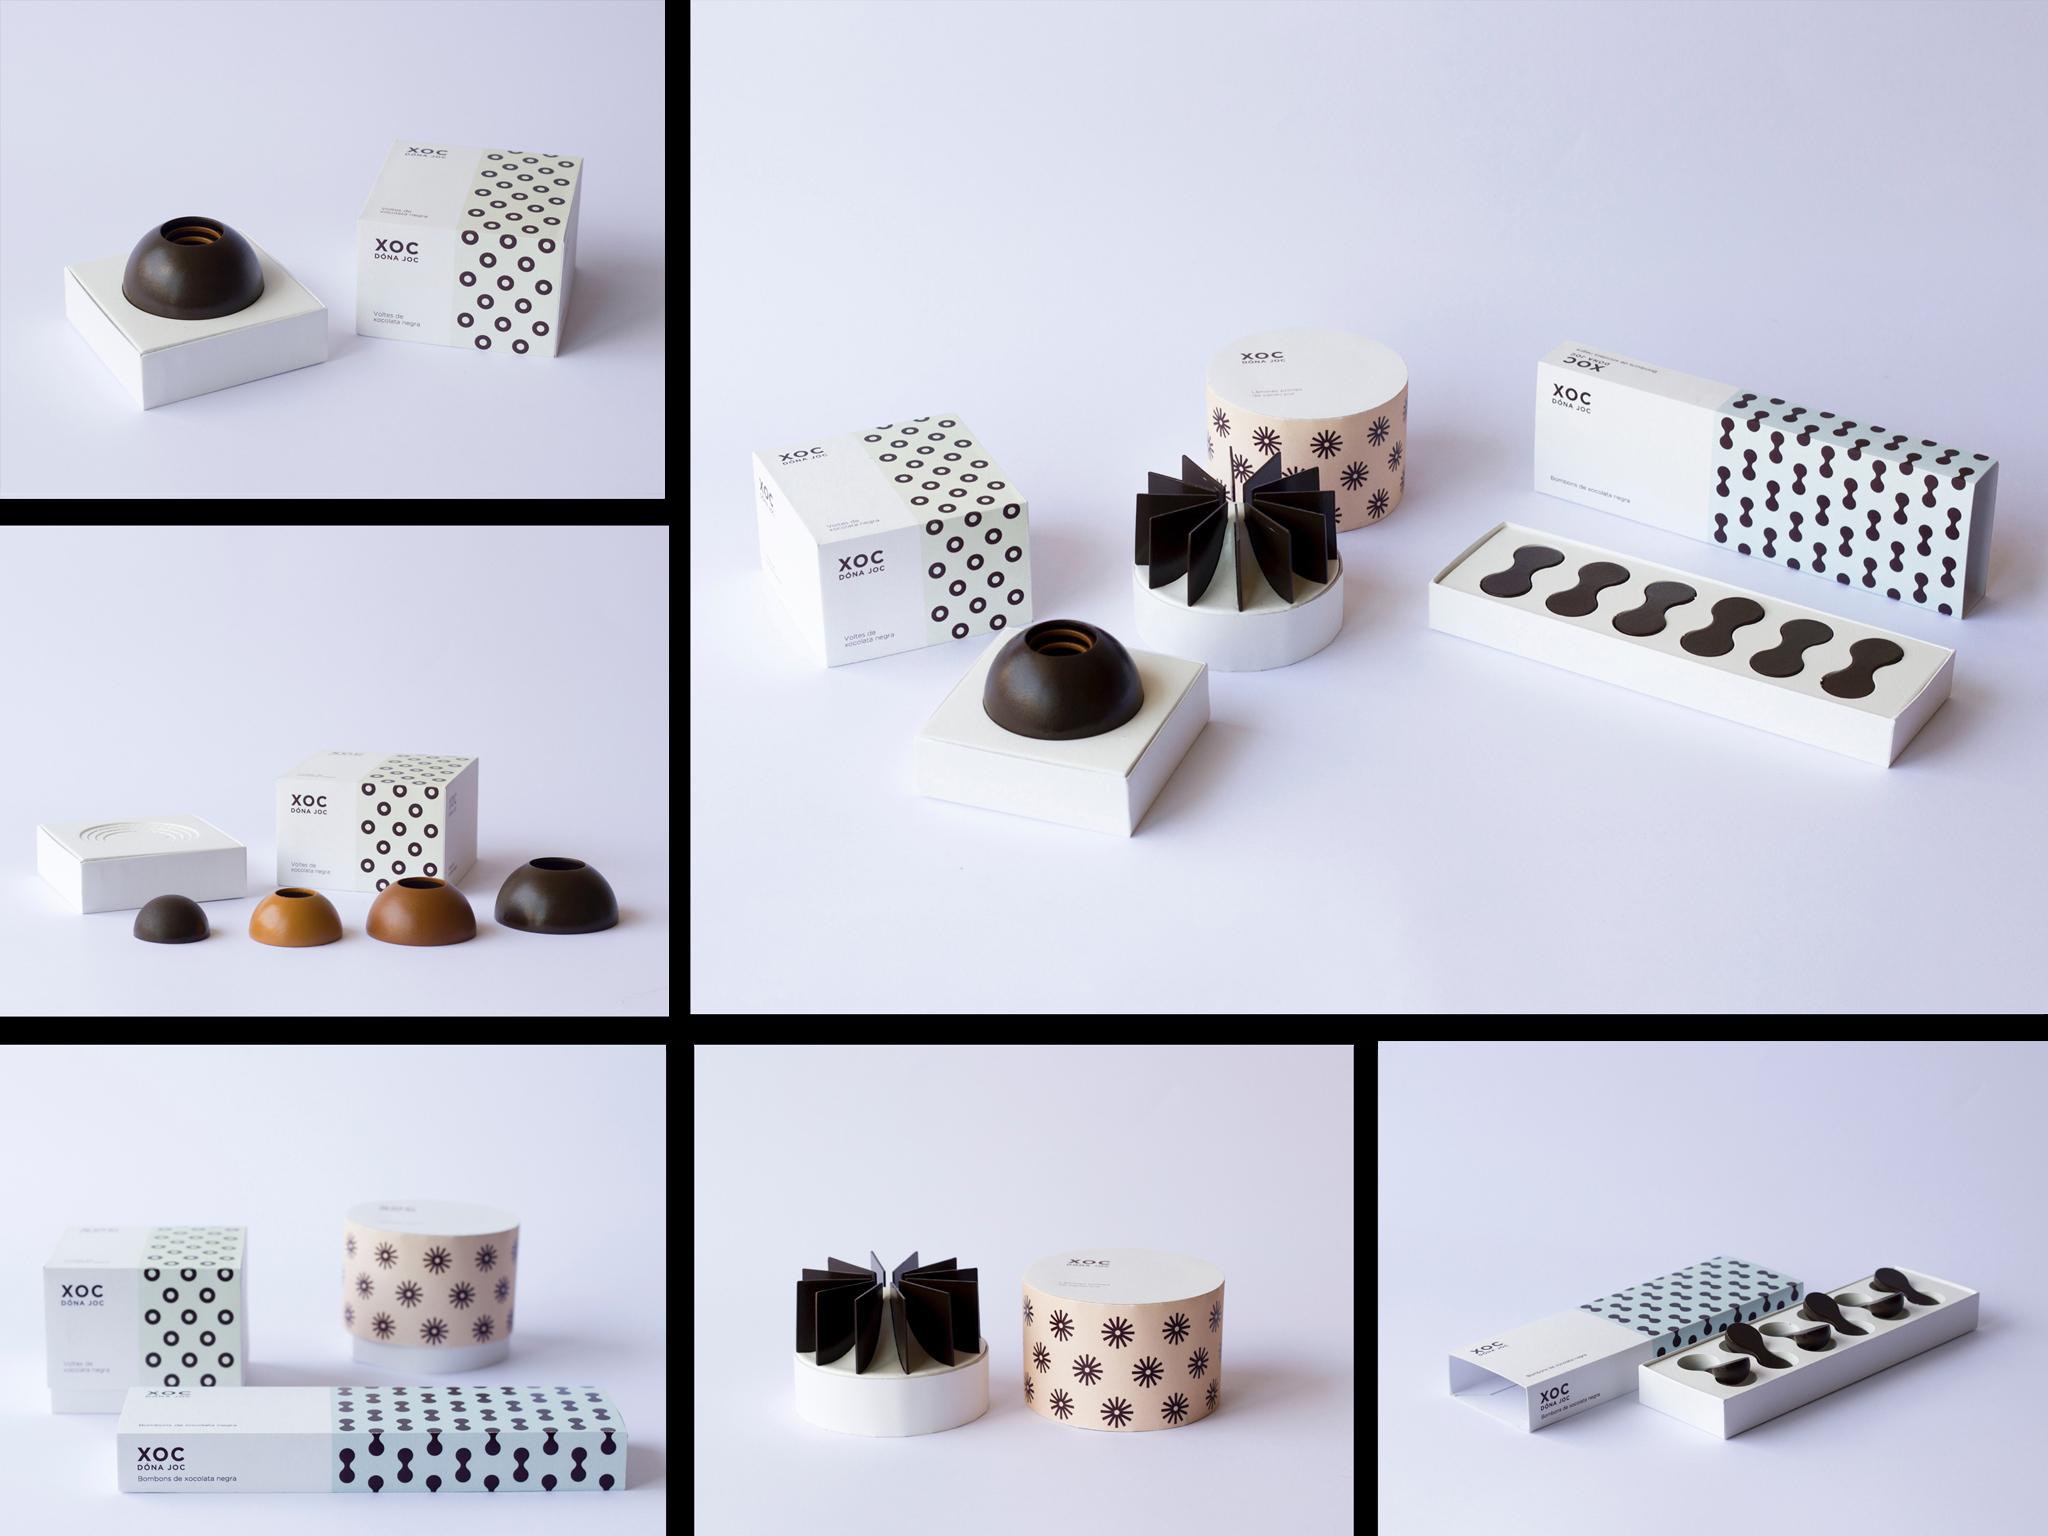 Xoc, de Maria Lopez, Macarena Norambuena y Mario Montull. Master en Diseño de Packaging de ELISAVA, 2015-2016.